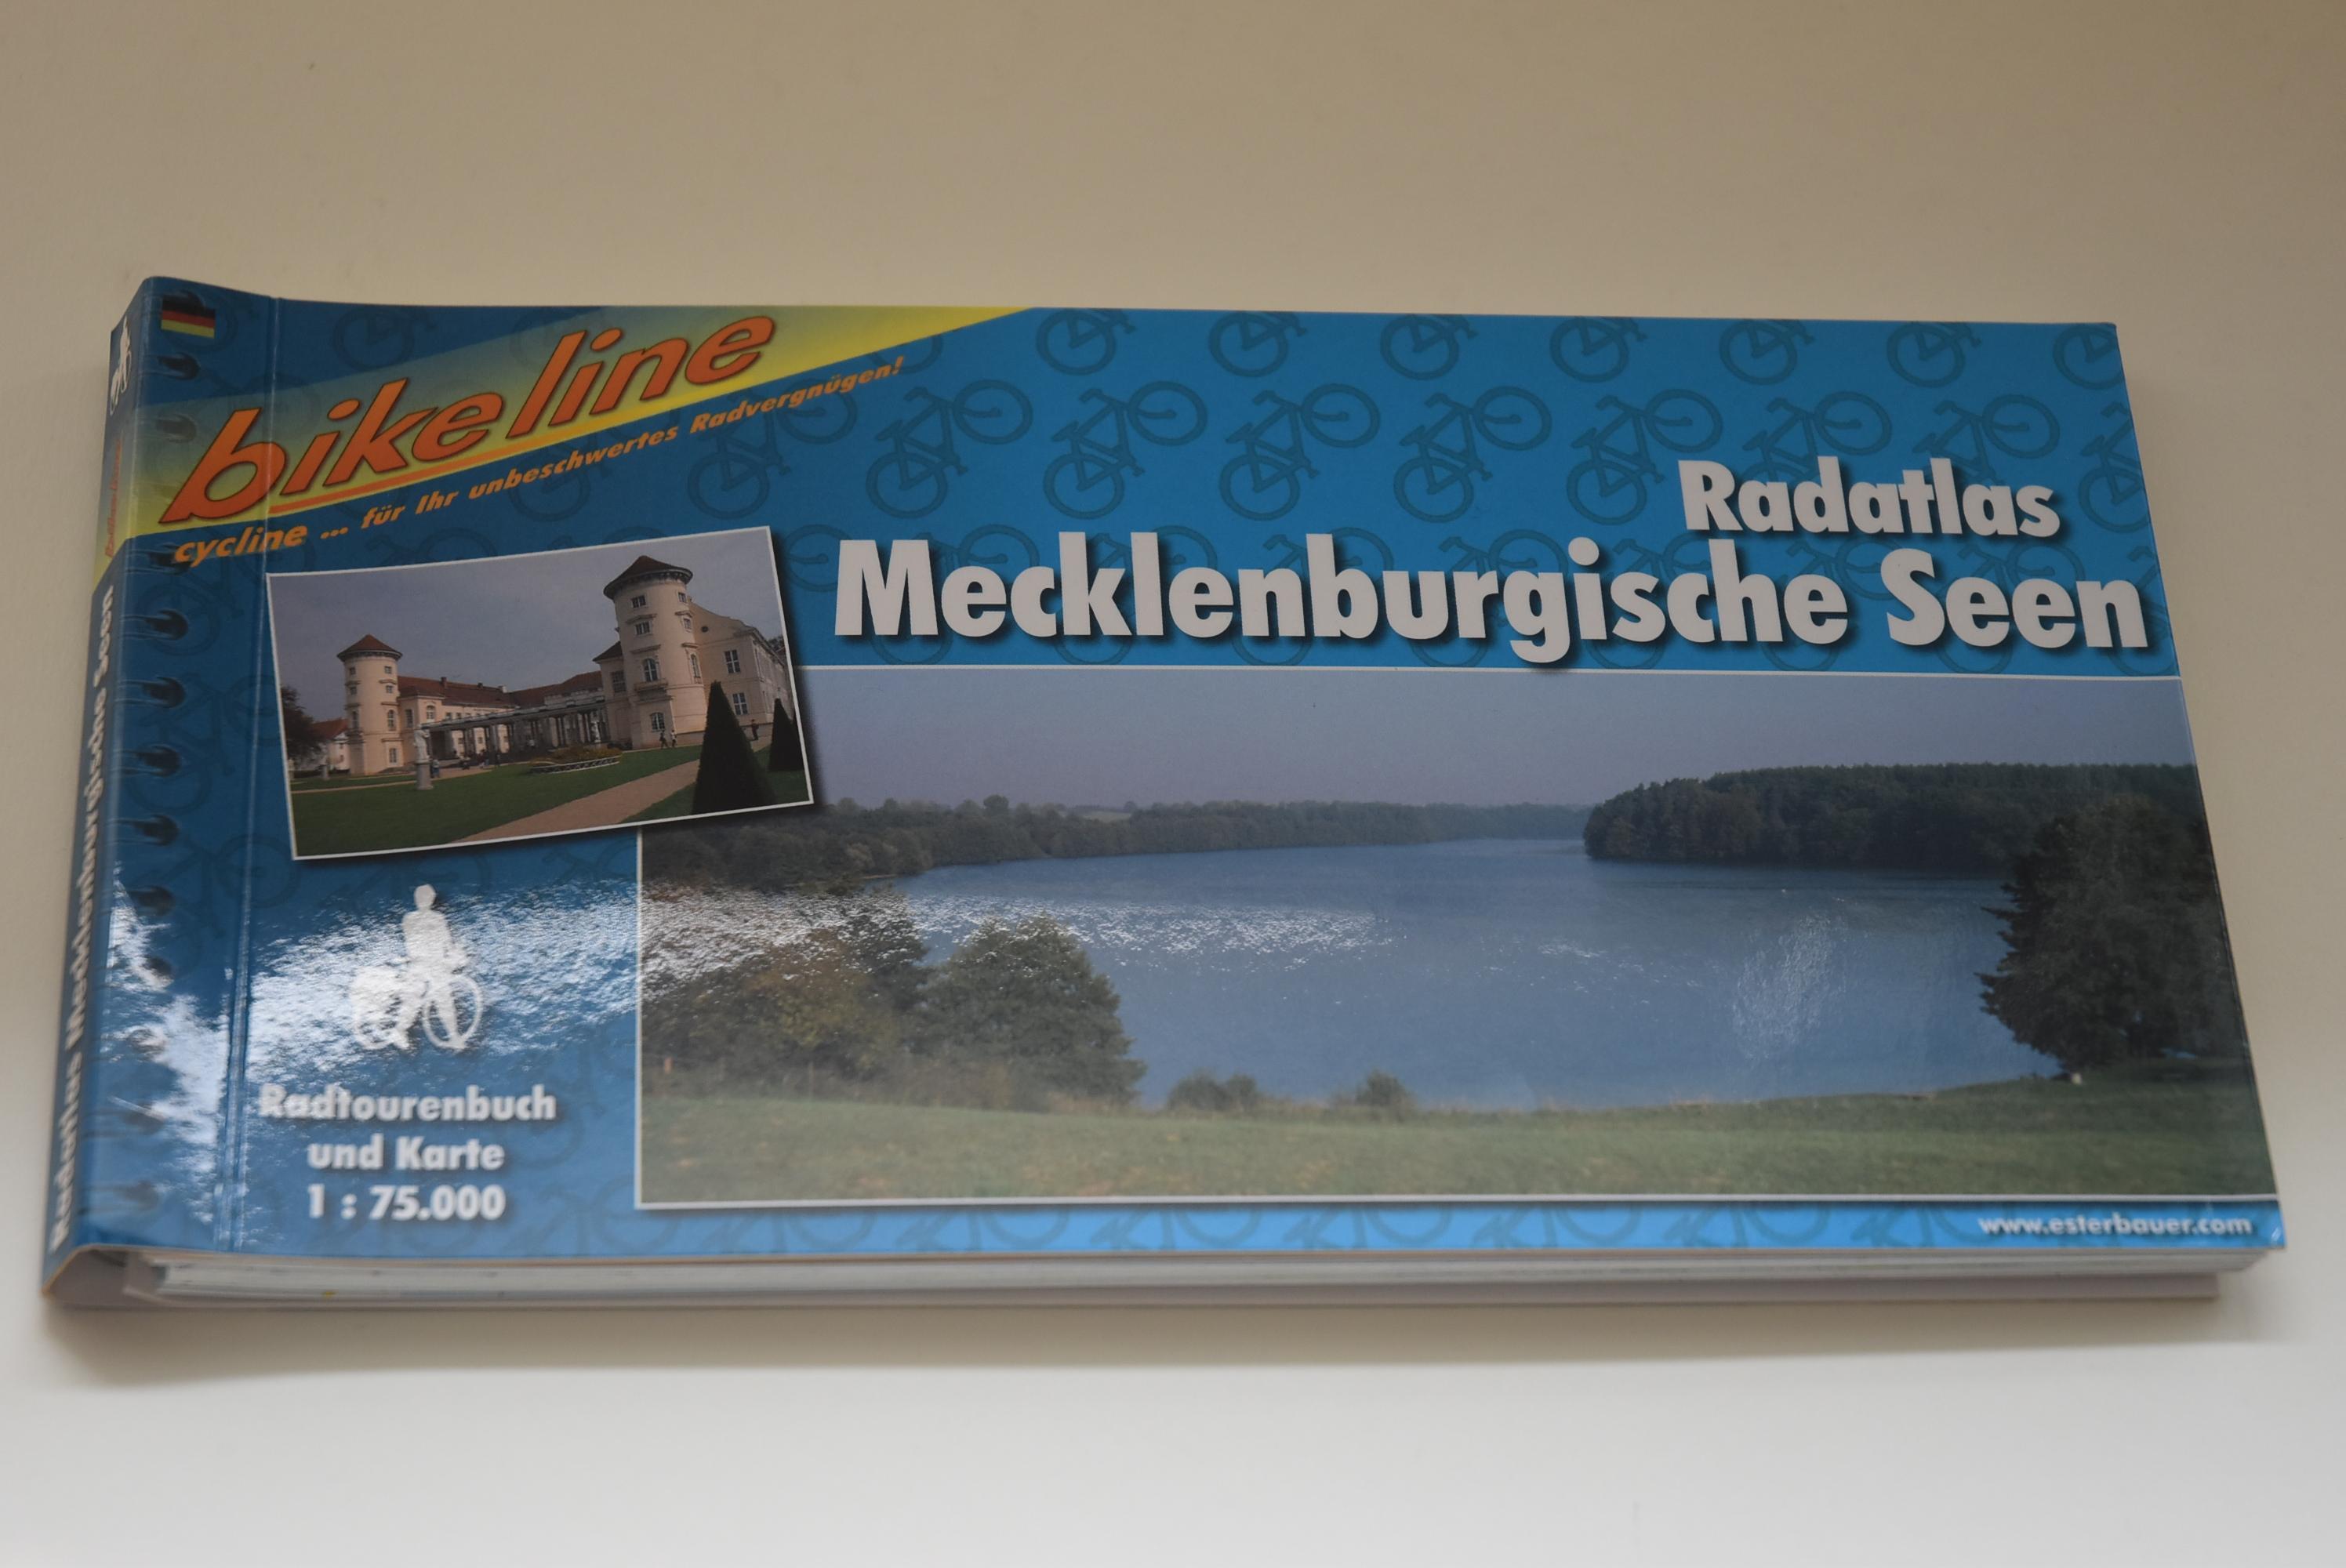 Radatlas Mecklenburgische Seen : ein original Bikeline-Radtourenbuch ; [Radtourenbuch und Karte 1:75000]. Bikeline - Esterbauer Verlag